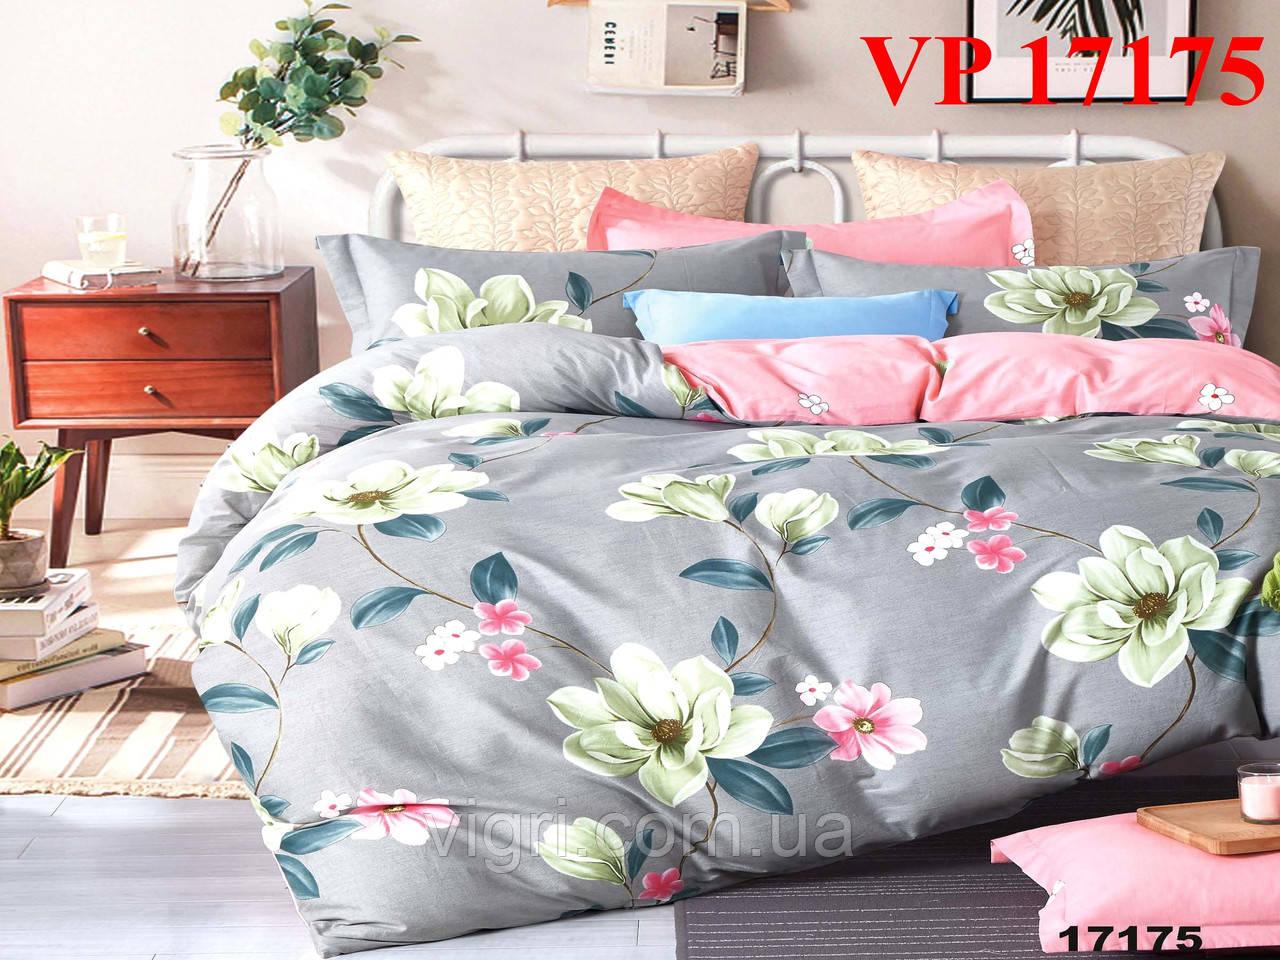 Постельное белье, двухспальное, ранфорс Вилюта «VILUTA» VР 17175